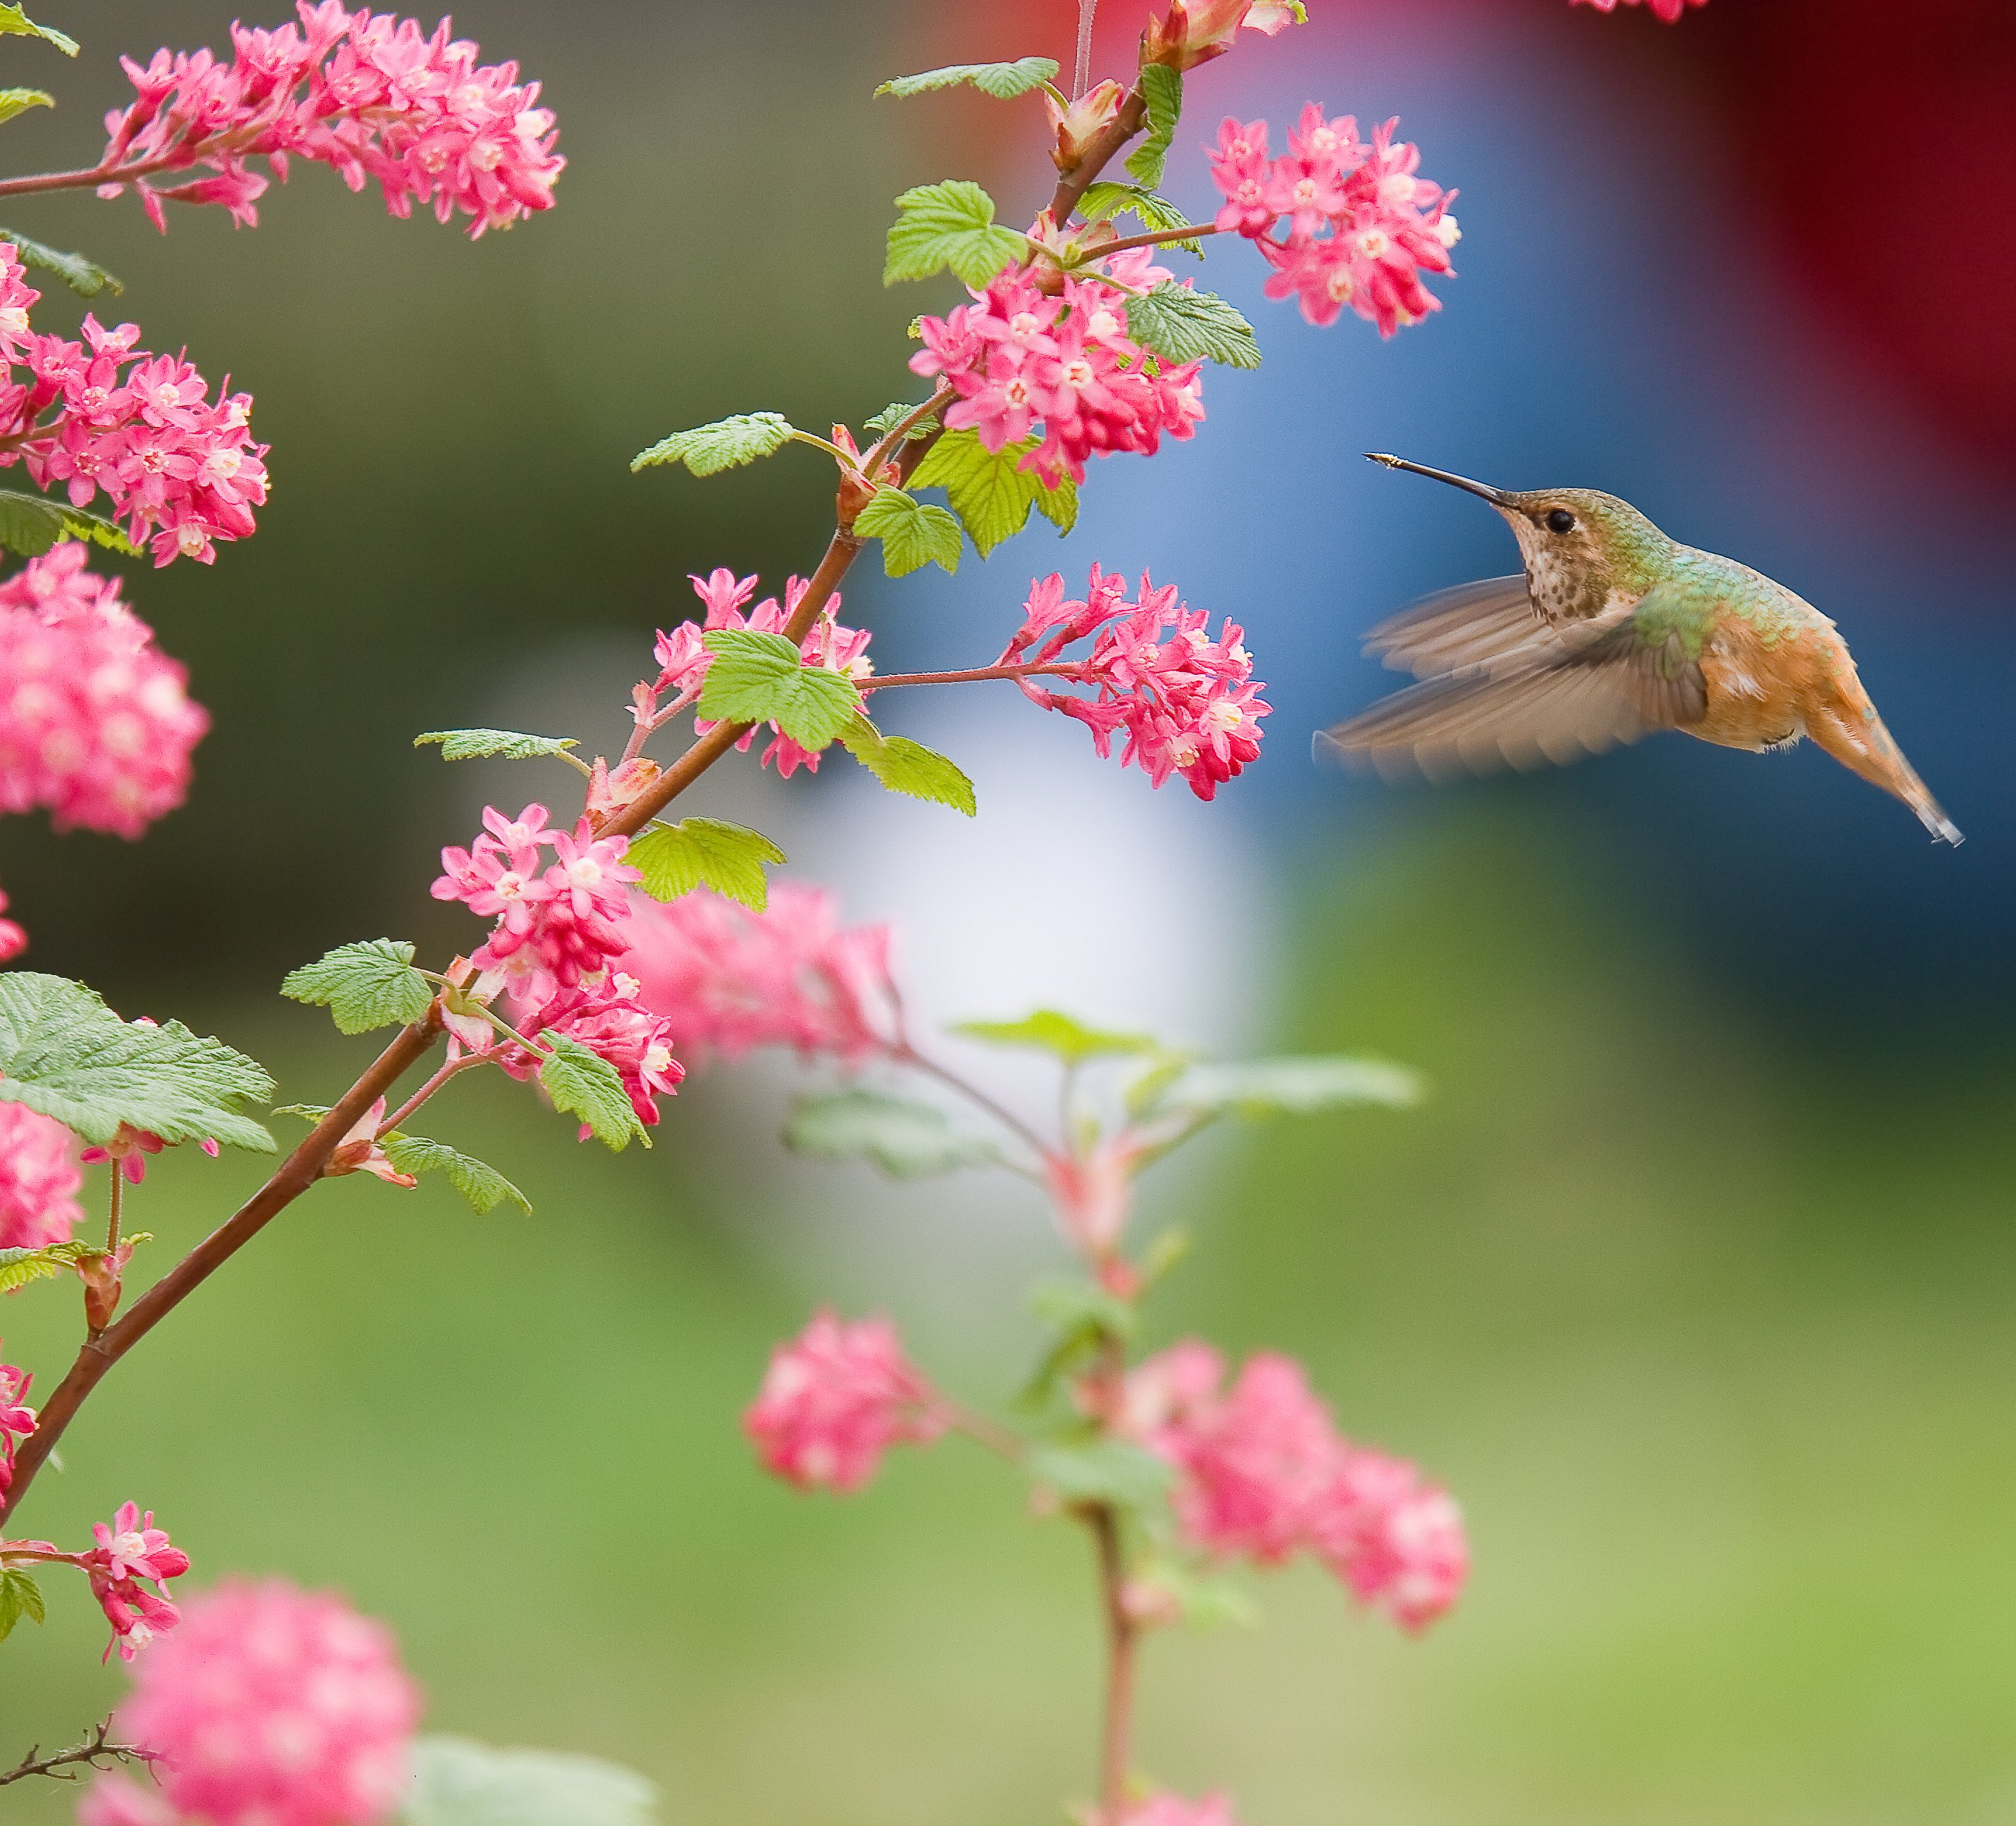 Flower Wallpaper: Free Bird And Flower Wallpaper